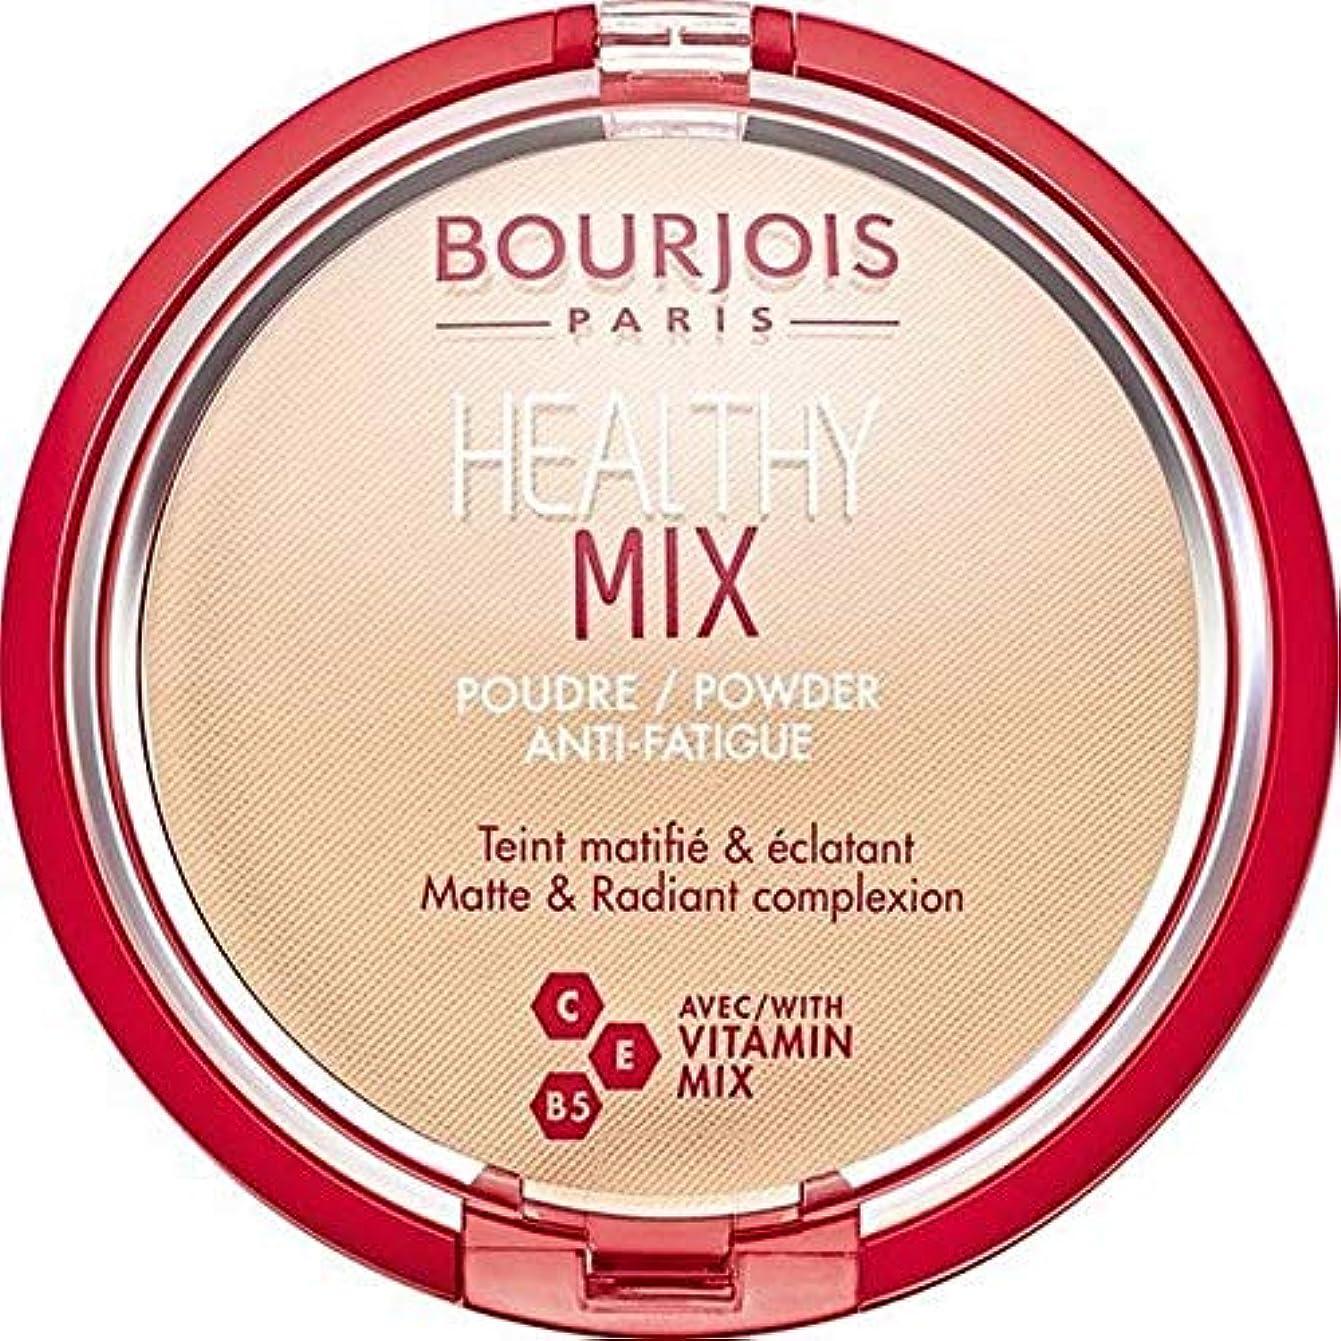 ワゴン視線幽霊[Bourjois ] ブルジョワヘルシーミックス粉1を押します - Bourjois Healthy Mix Pressed Powder 1 [並行輸入品]